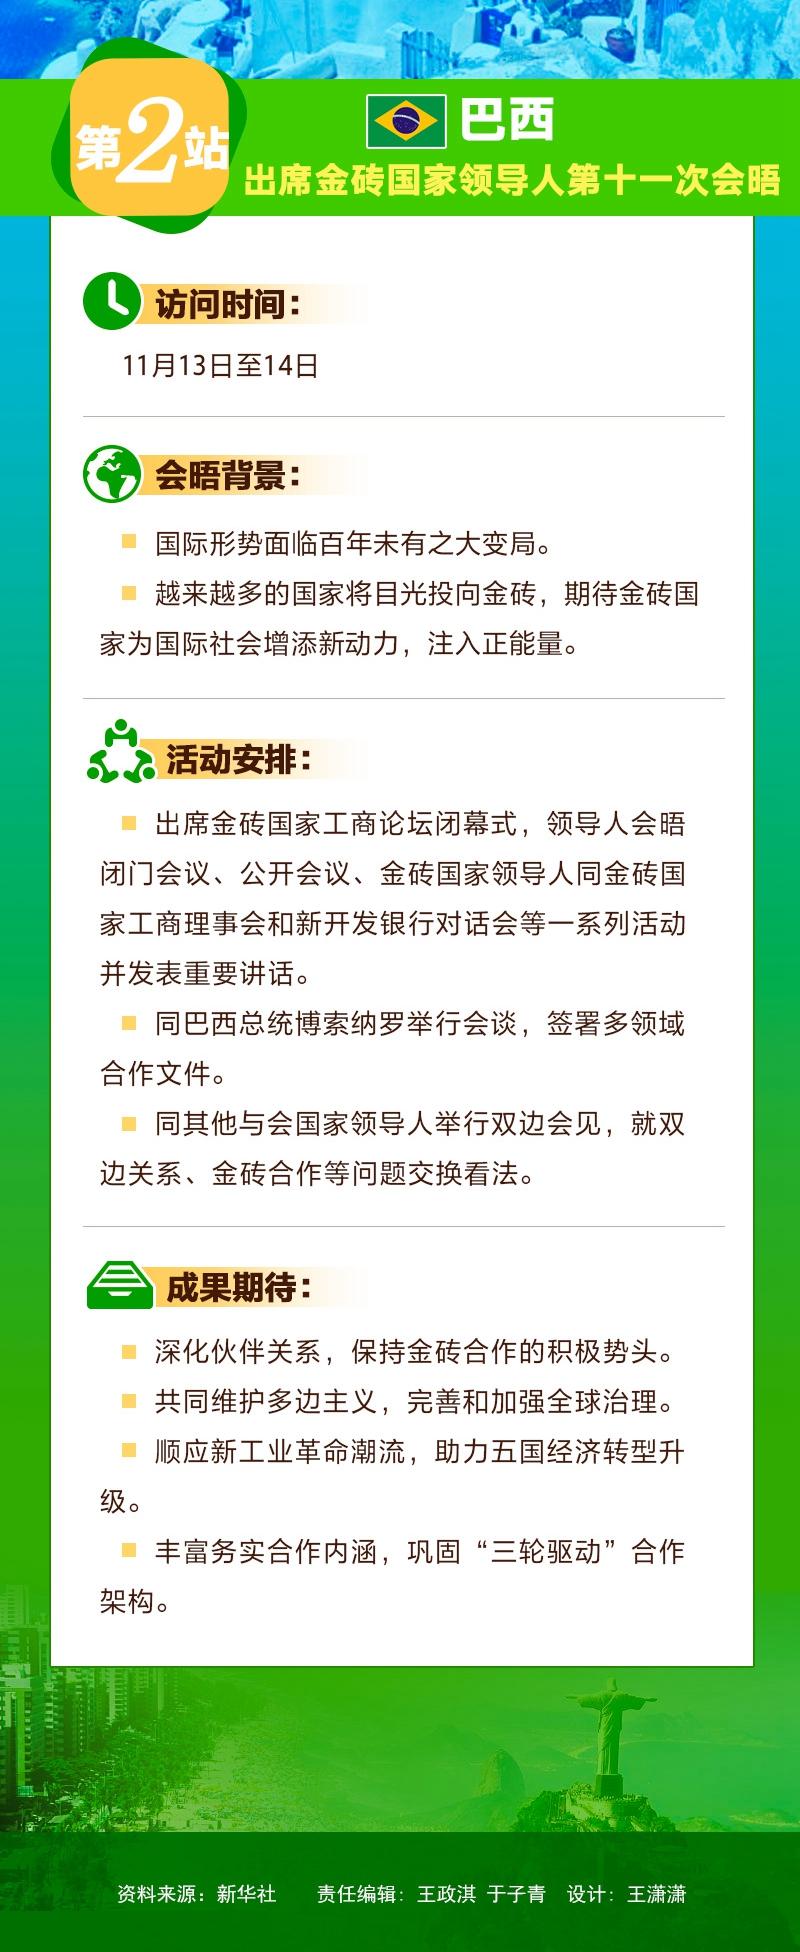 「华夏平台网址」危险!流浪汉三柳高速上行走,工作人员接报,当即……